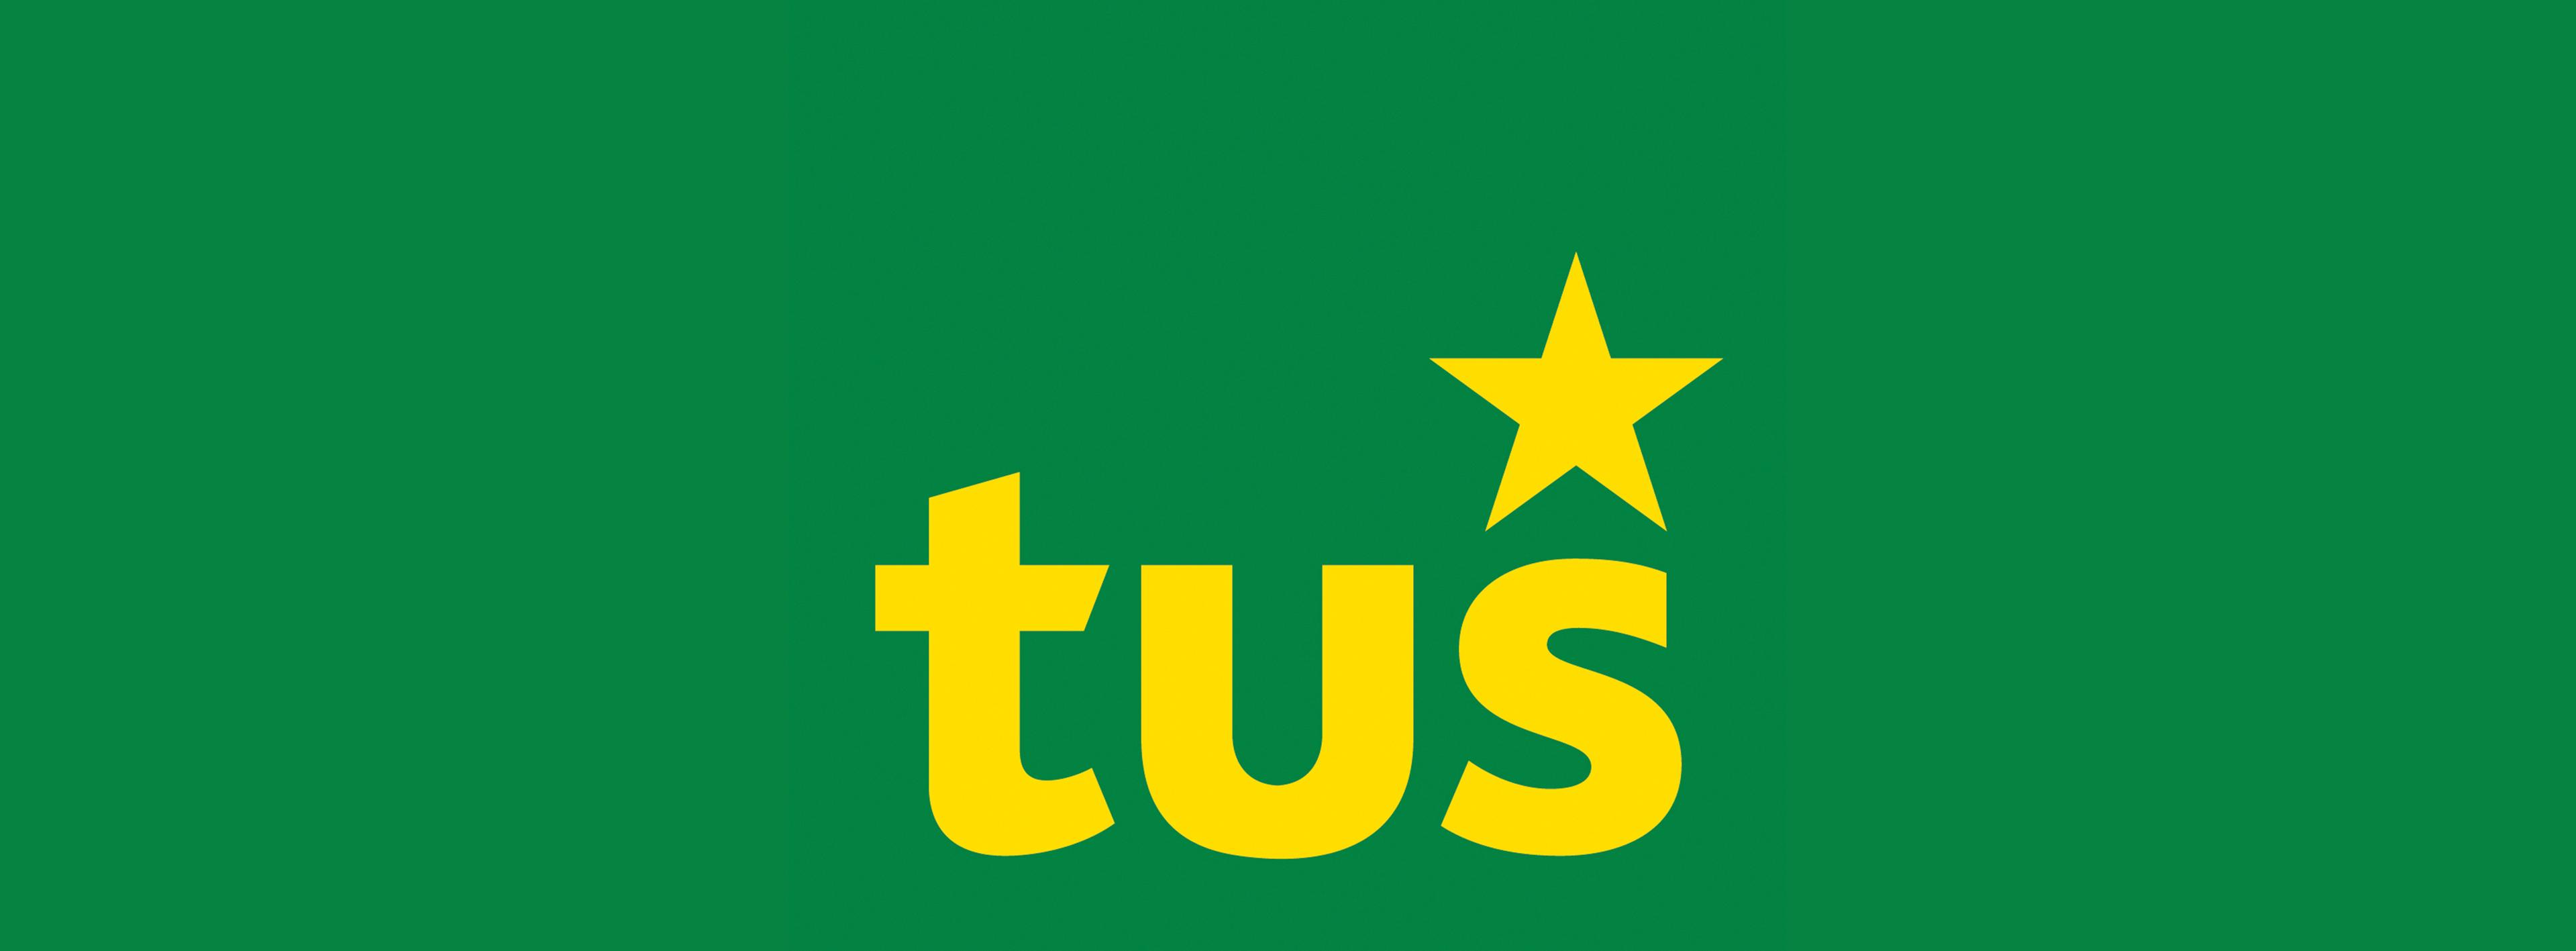 Tus_AAAA